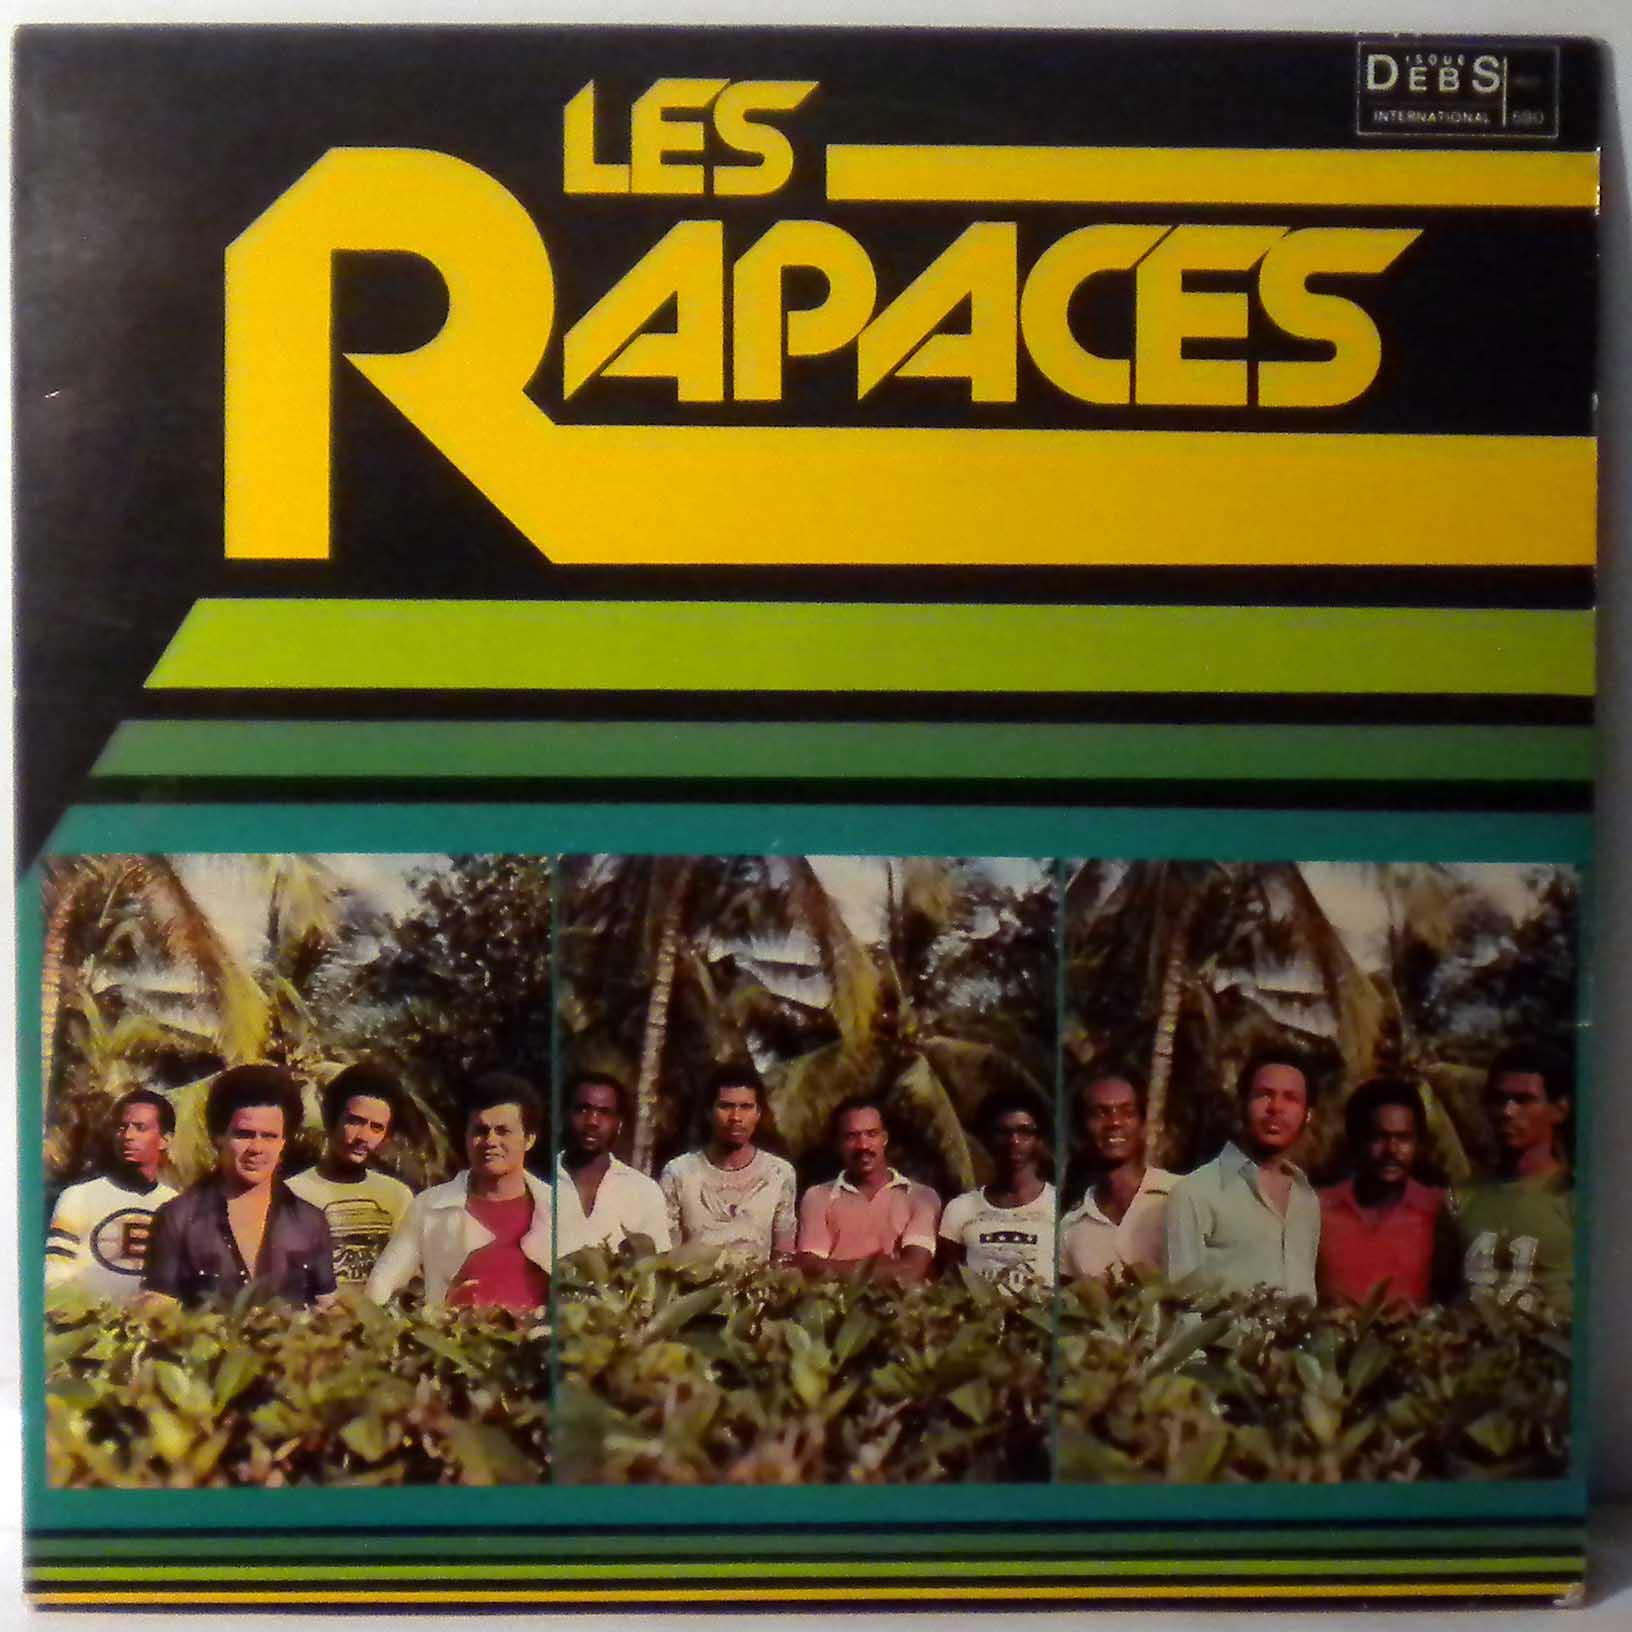 LES RAPACES - Same - LP